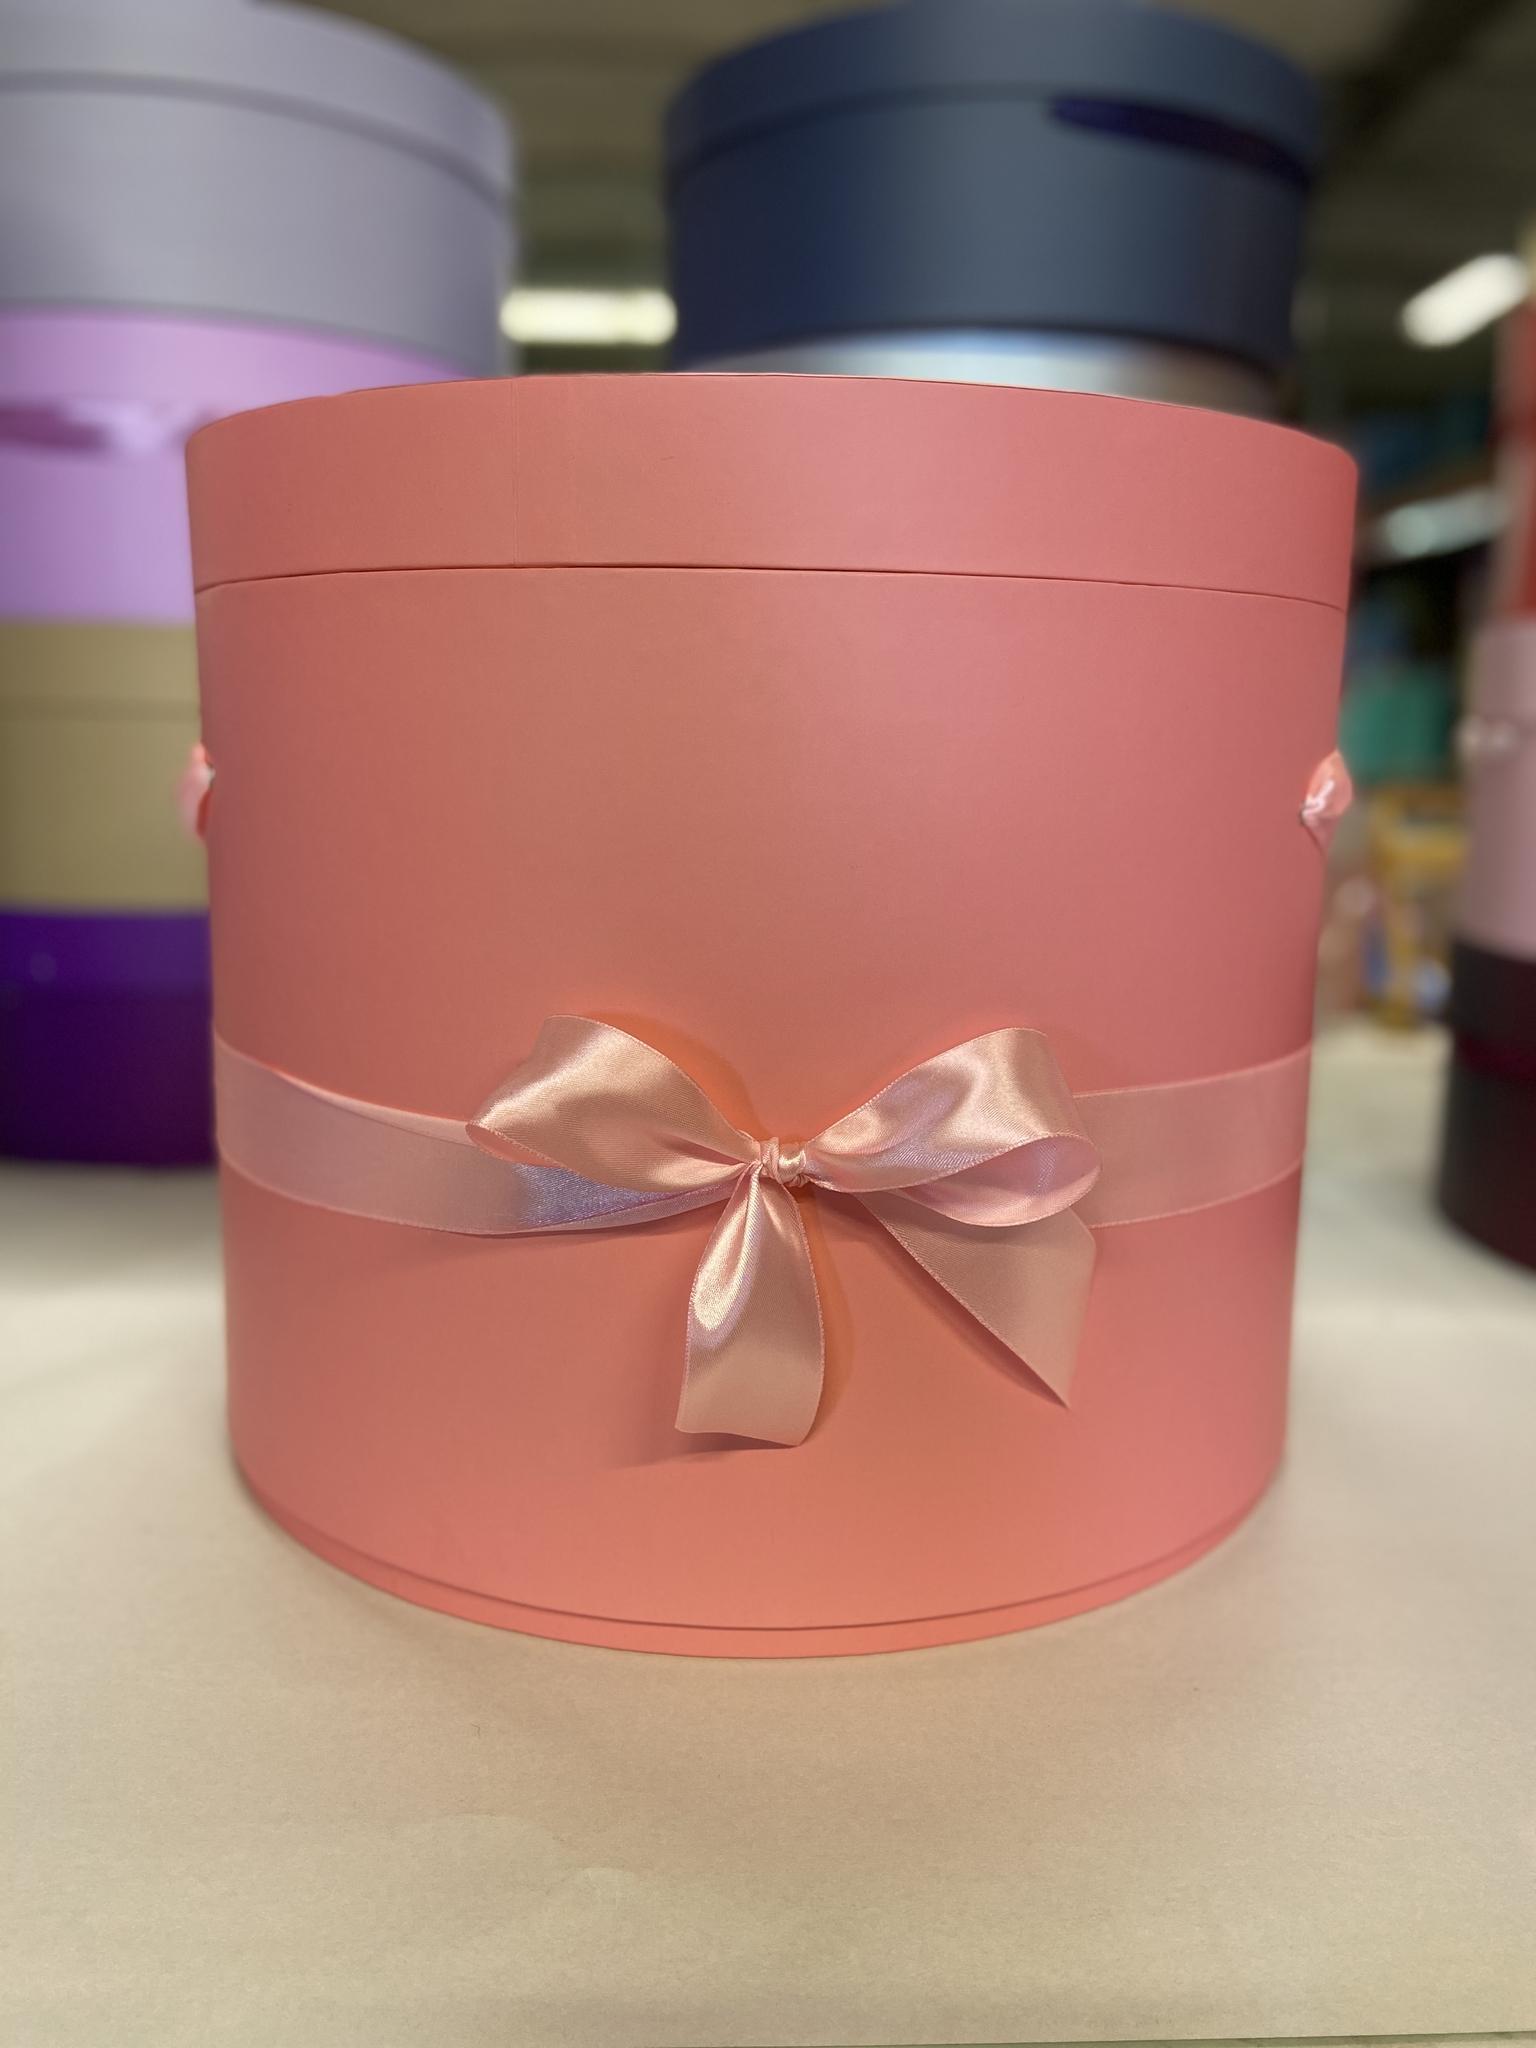 Шляпная коробка 40 см Цвет: Розовый   . Розница 1200 рублей .